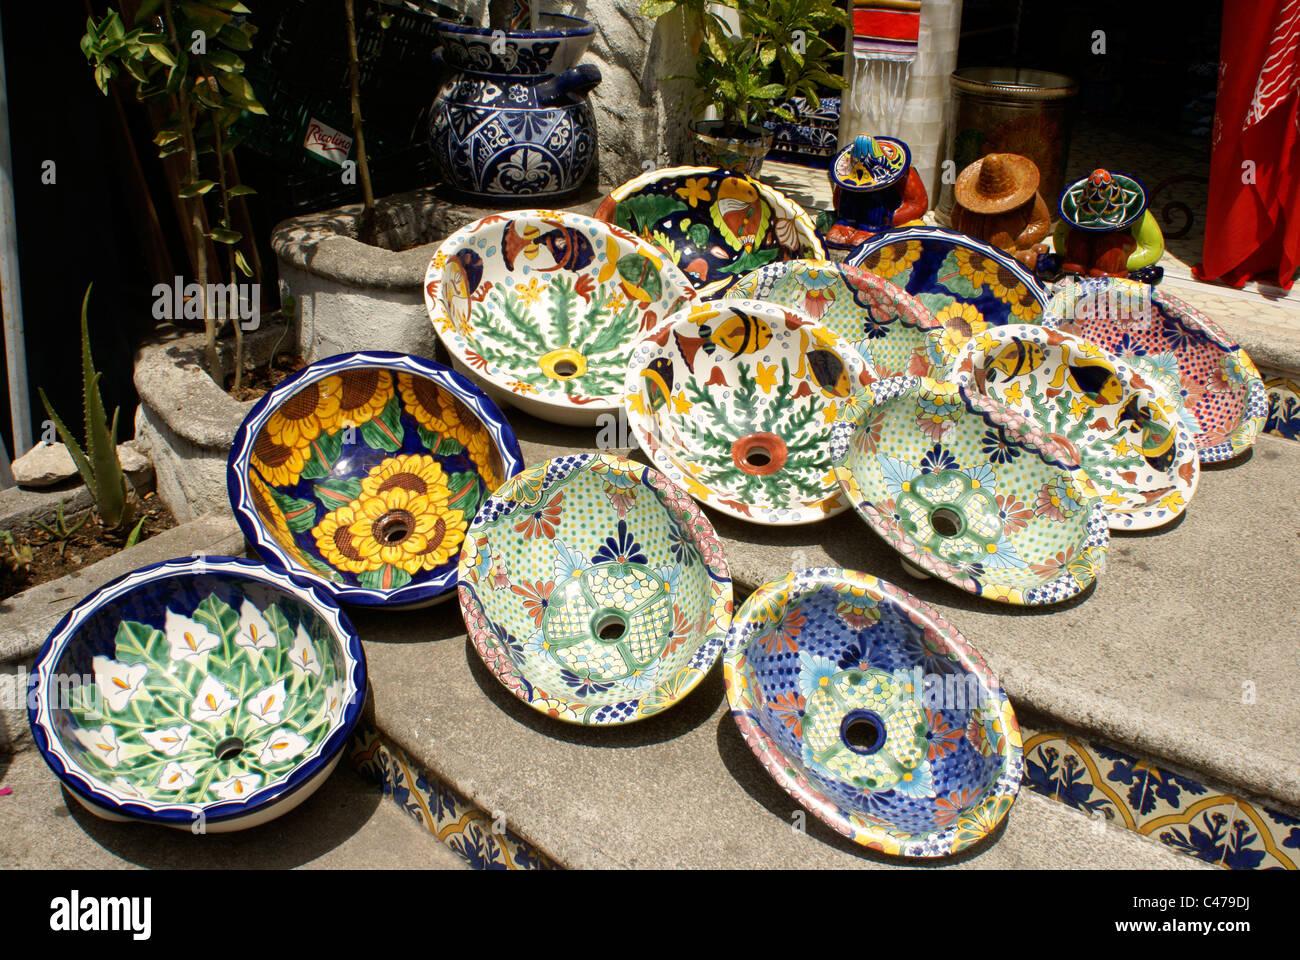 Faszinierend Bunte Waschbecken Ideen Von Keramik Zum Verkauf In Playa Del Carmen,